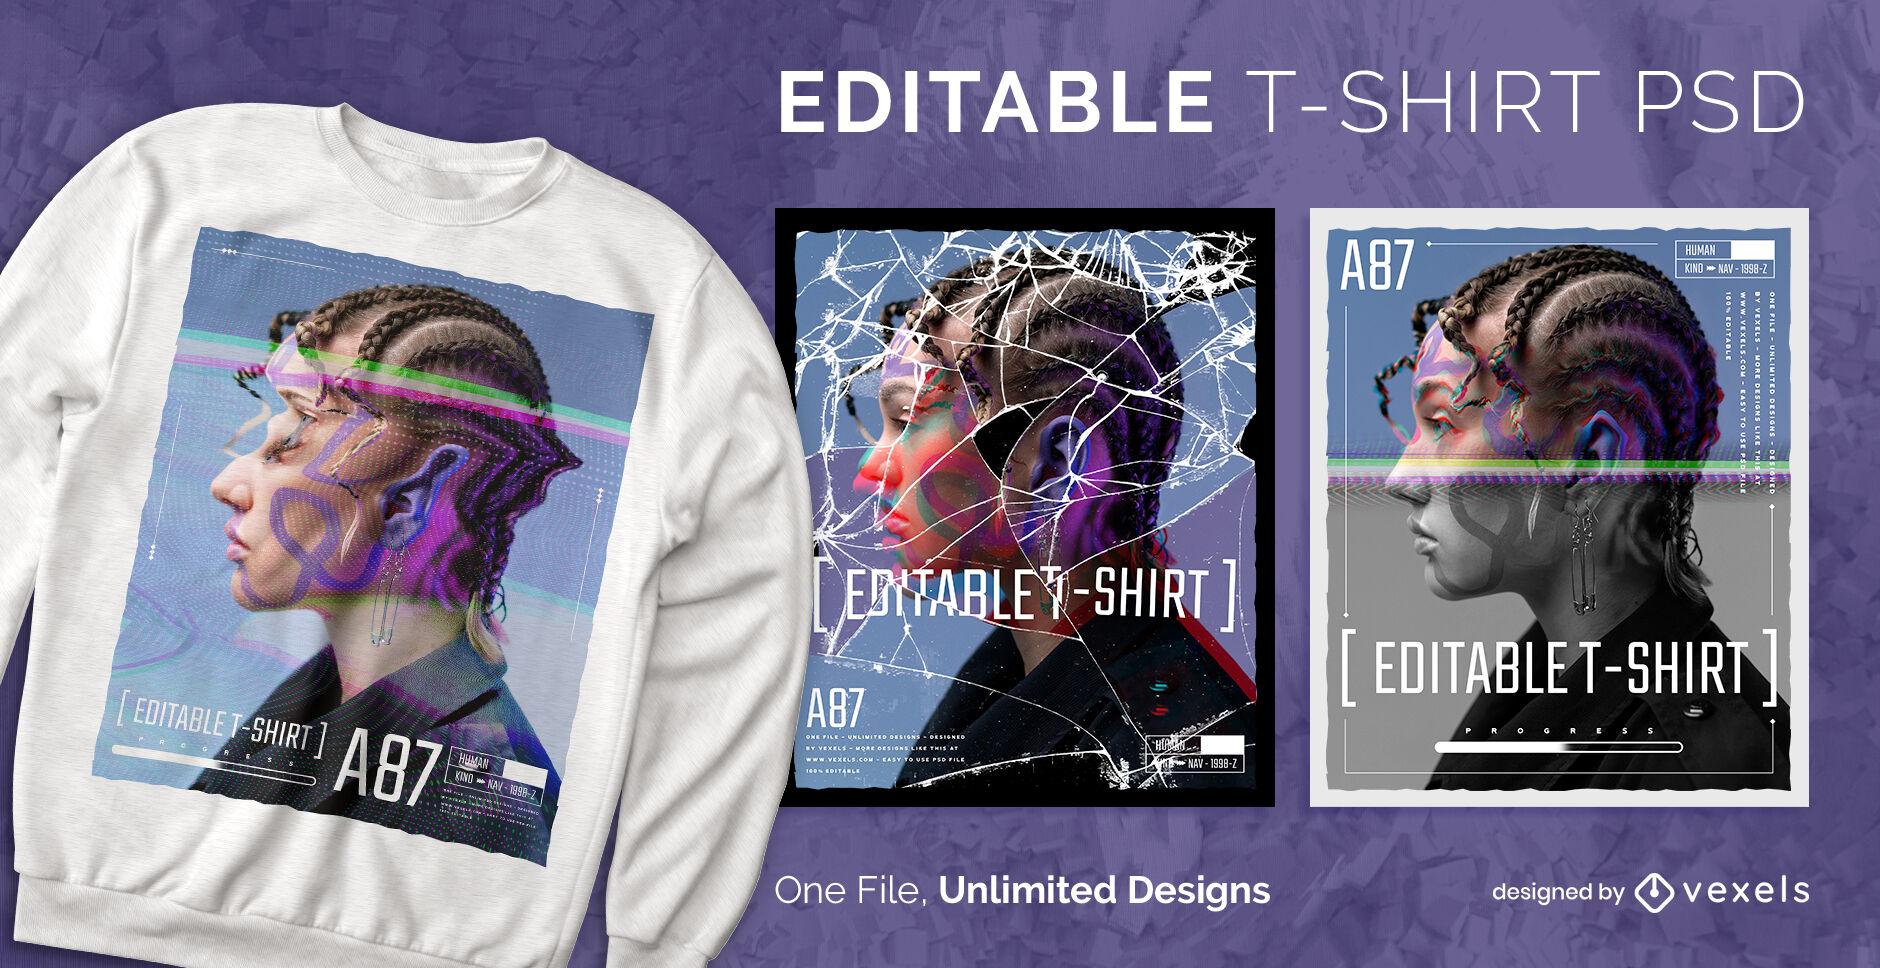 Digitalfotos skalierbares T-Shirt PSD